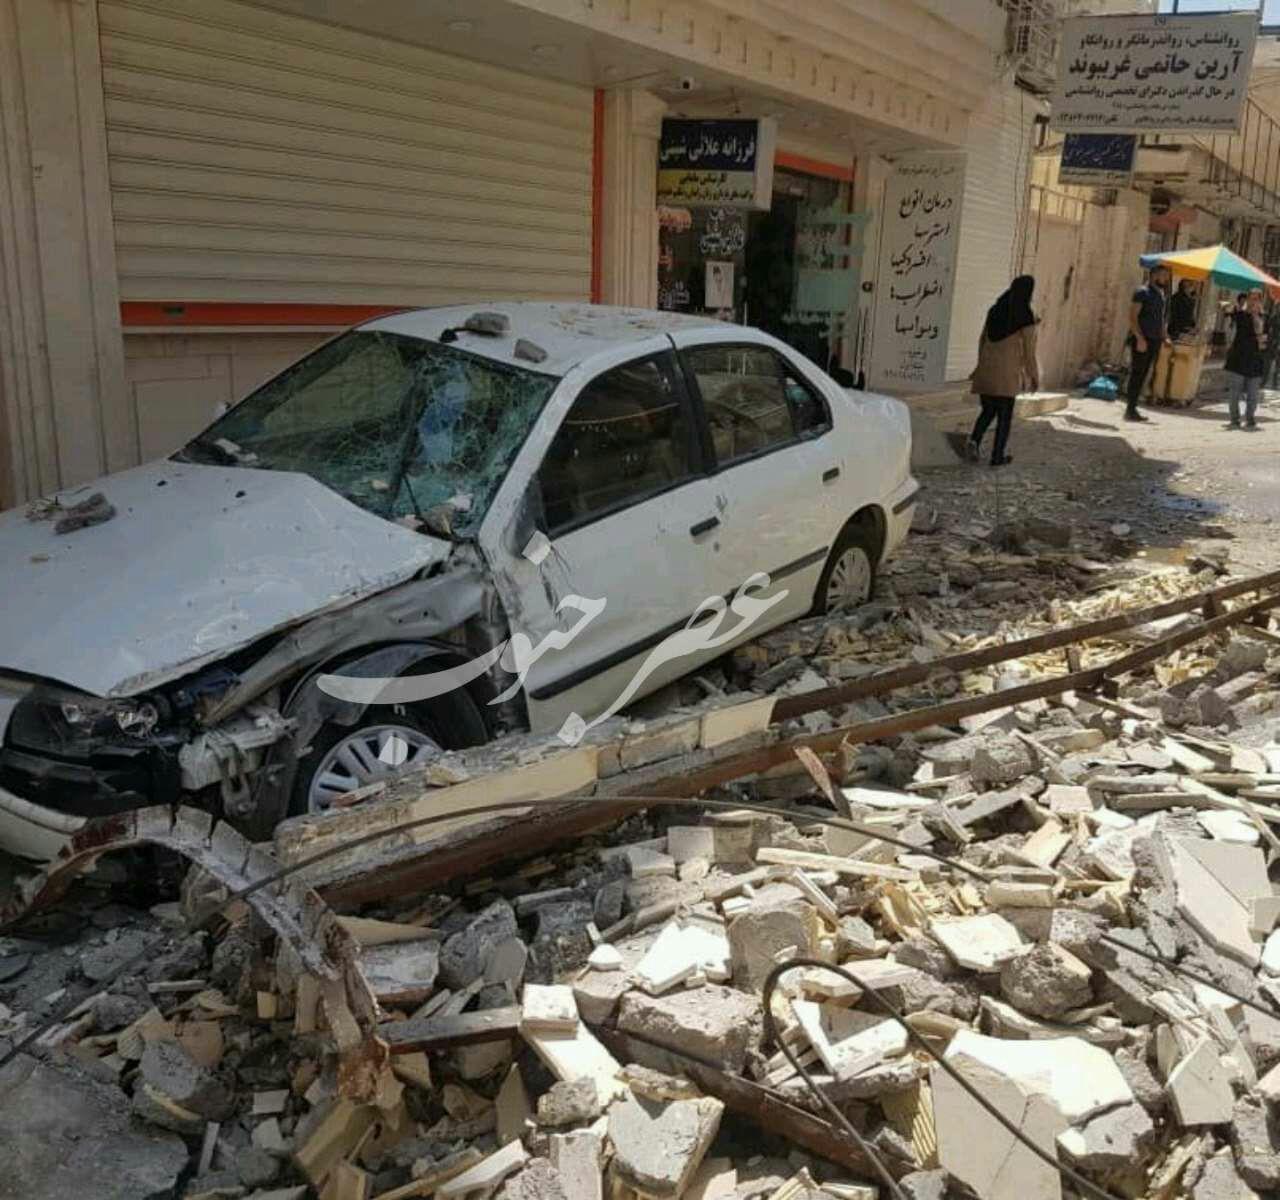 زلزله خوزستان؛ جان باختن یک نفر / تصاویری از خرابی ها